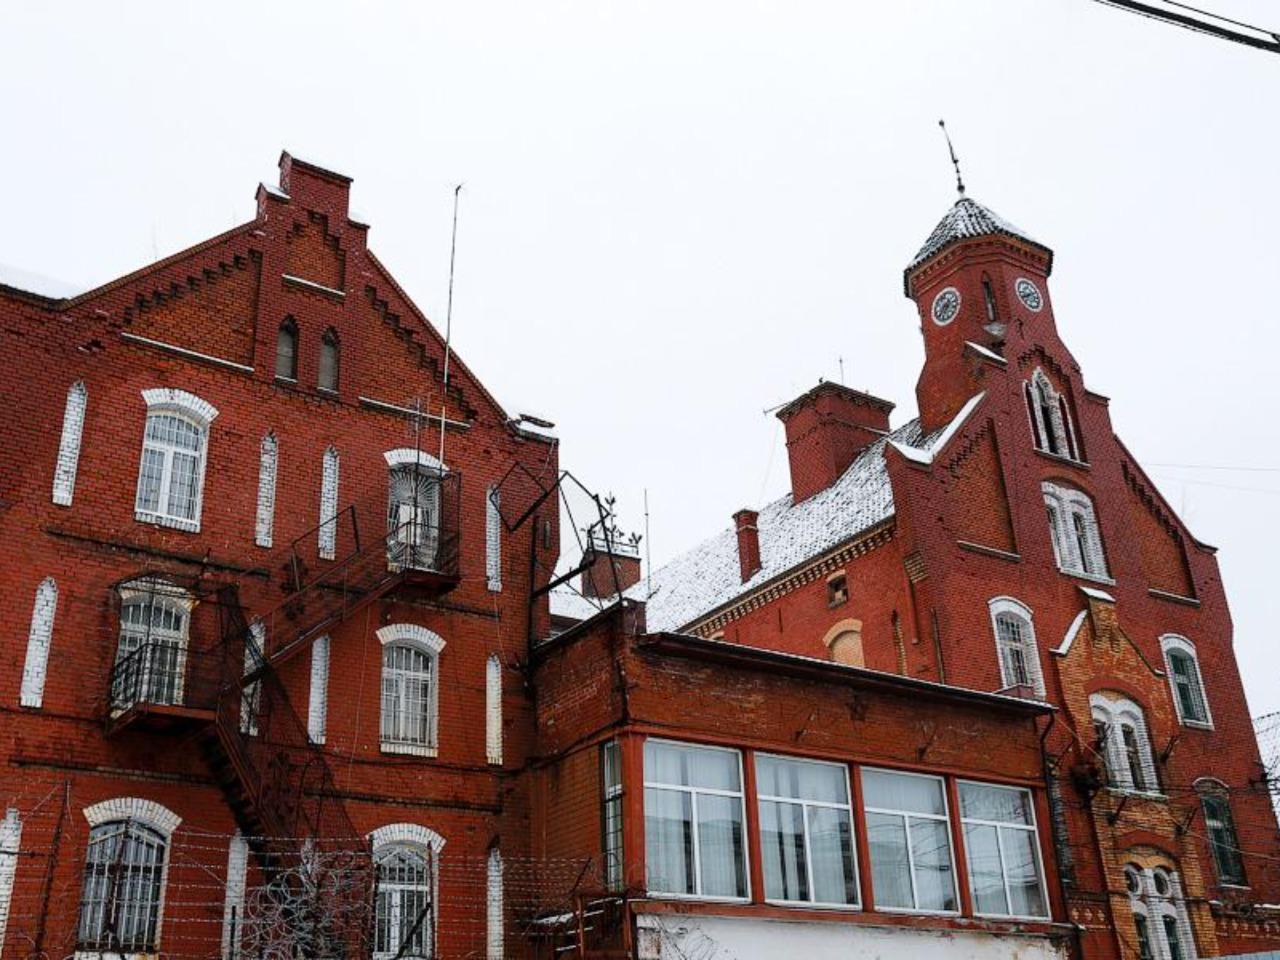 Гвардейск - Знаменск - Железнодорожный - индивидуальная экскурсия в Калининграде от опытного гида